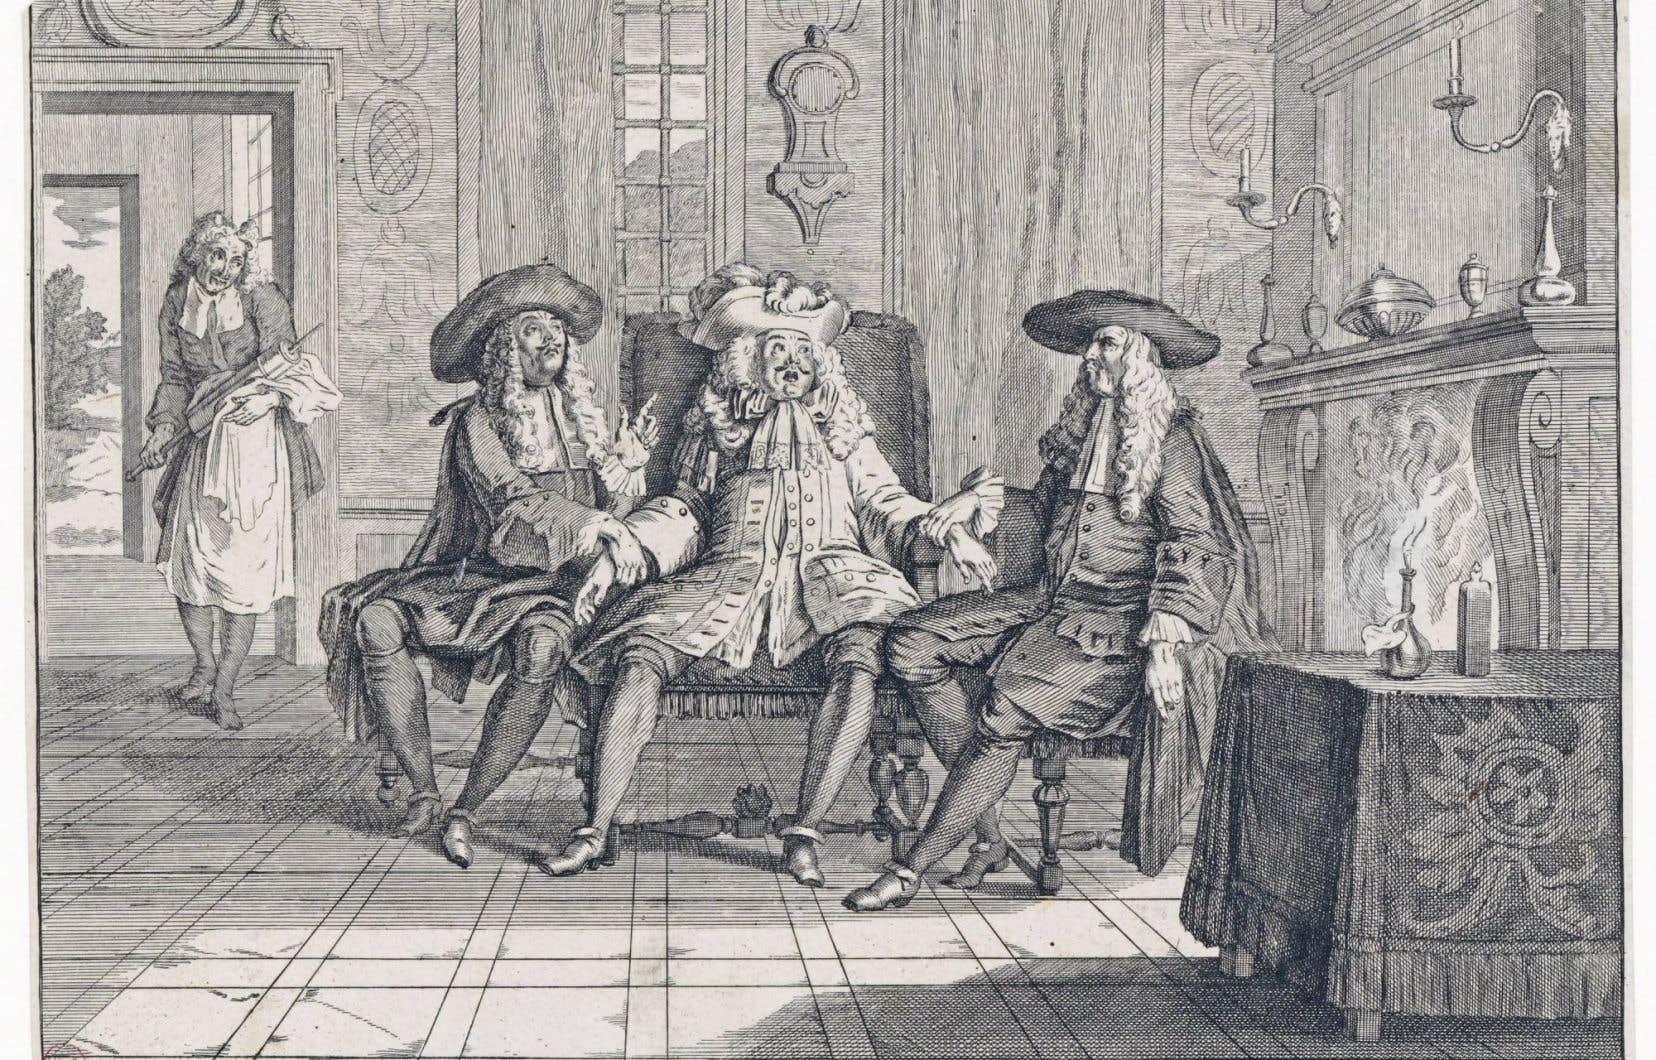 L'humour parfois grinçant de Molière ne manquait pas de critiquer les moeurs de la société pendant les grandes heures de la France sous Louis XIV.